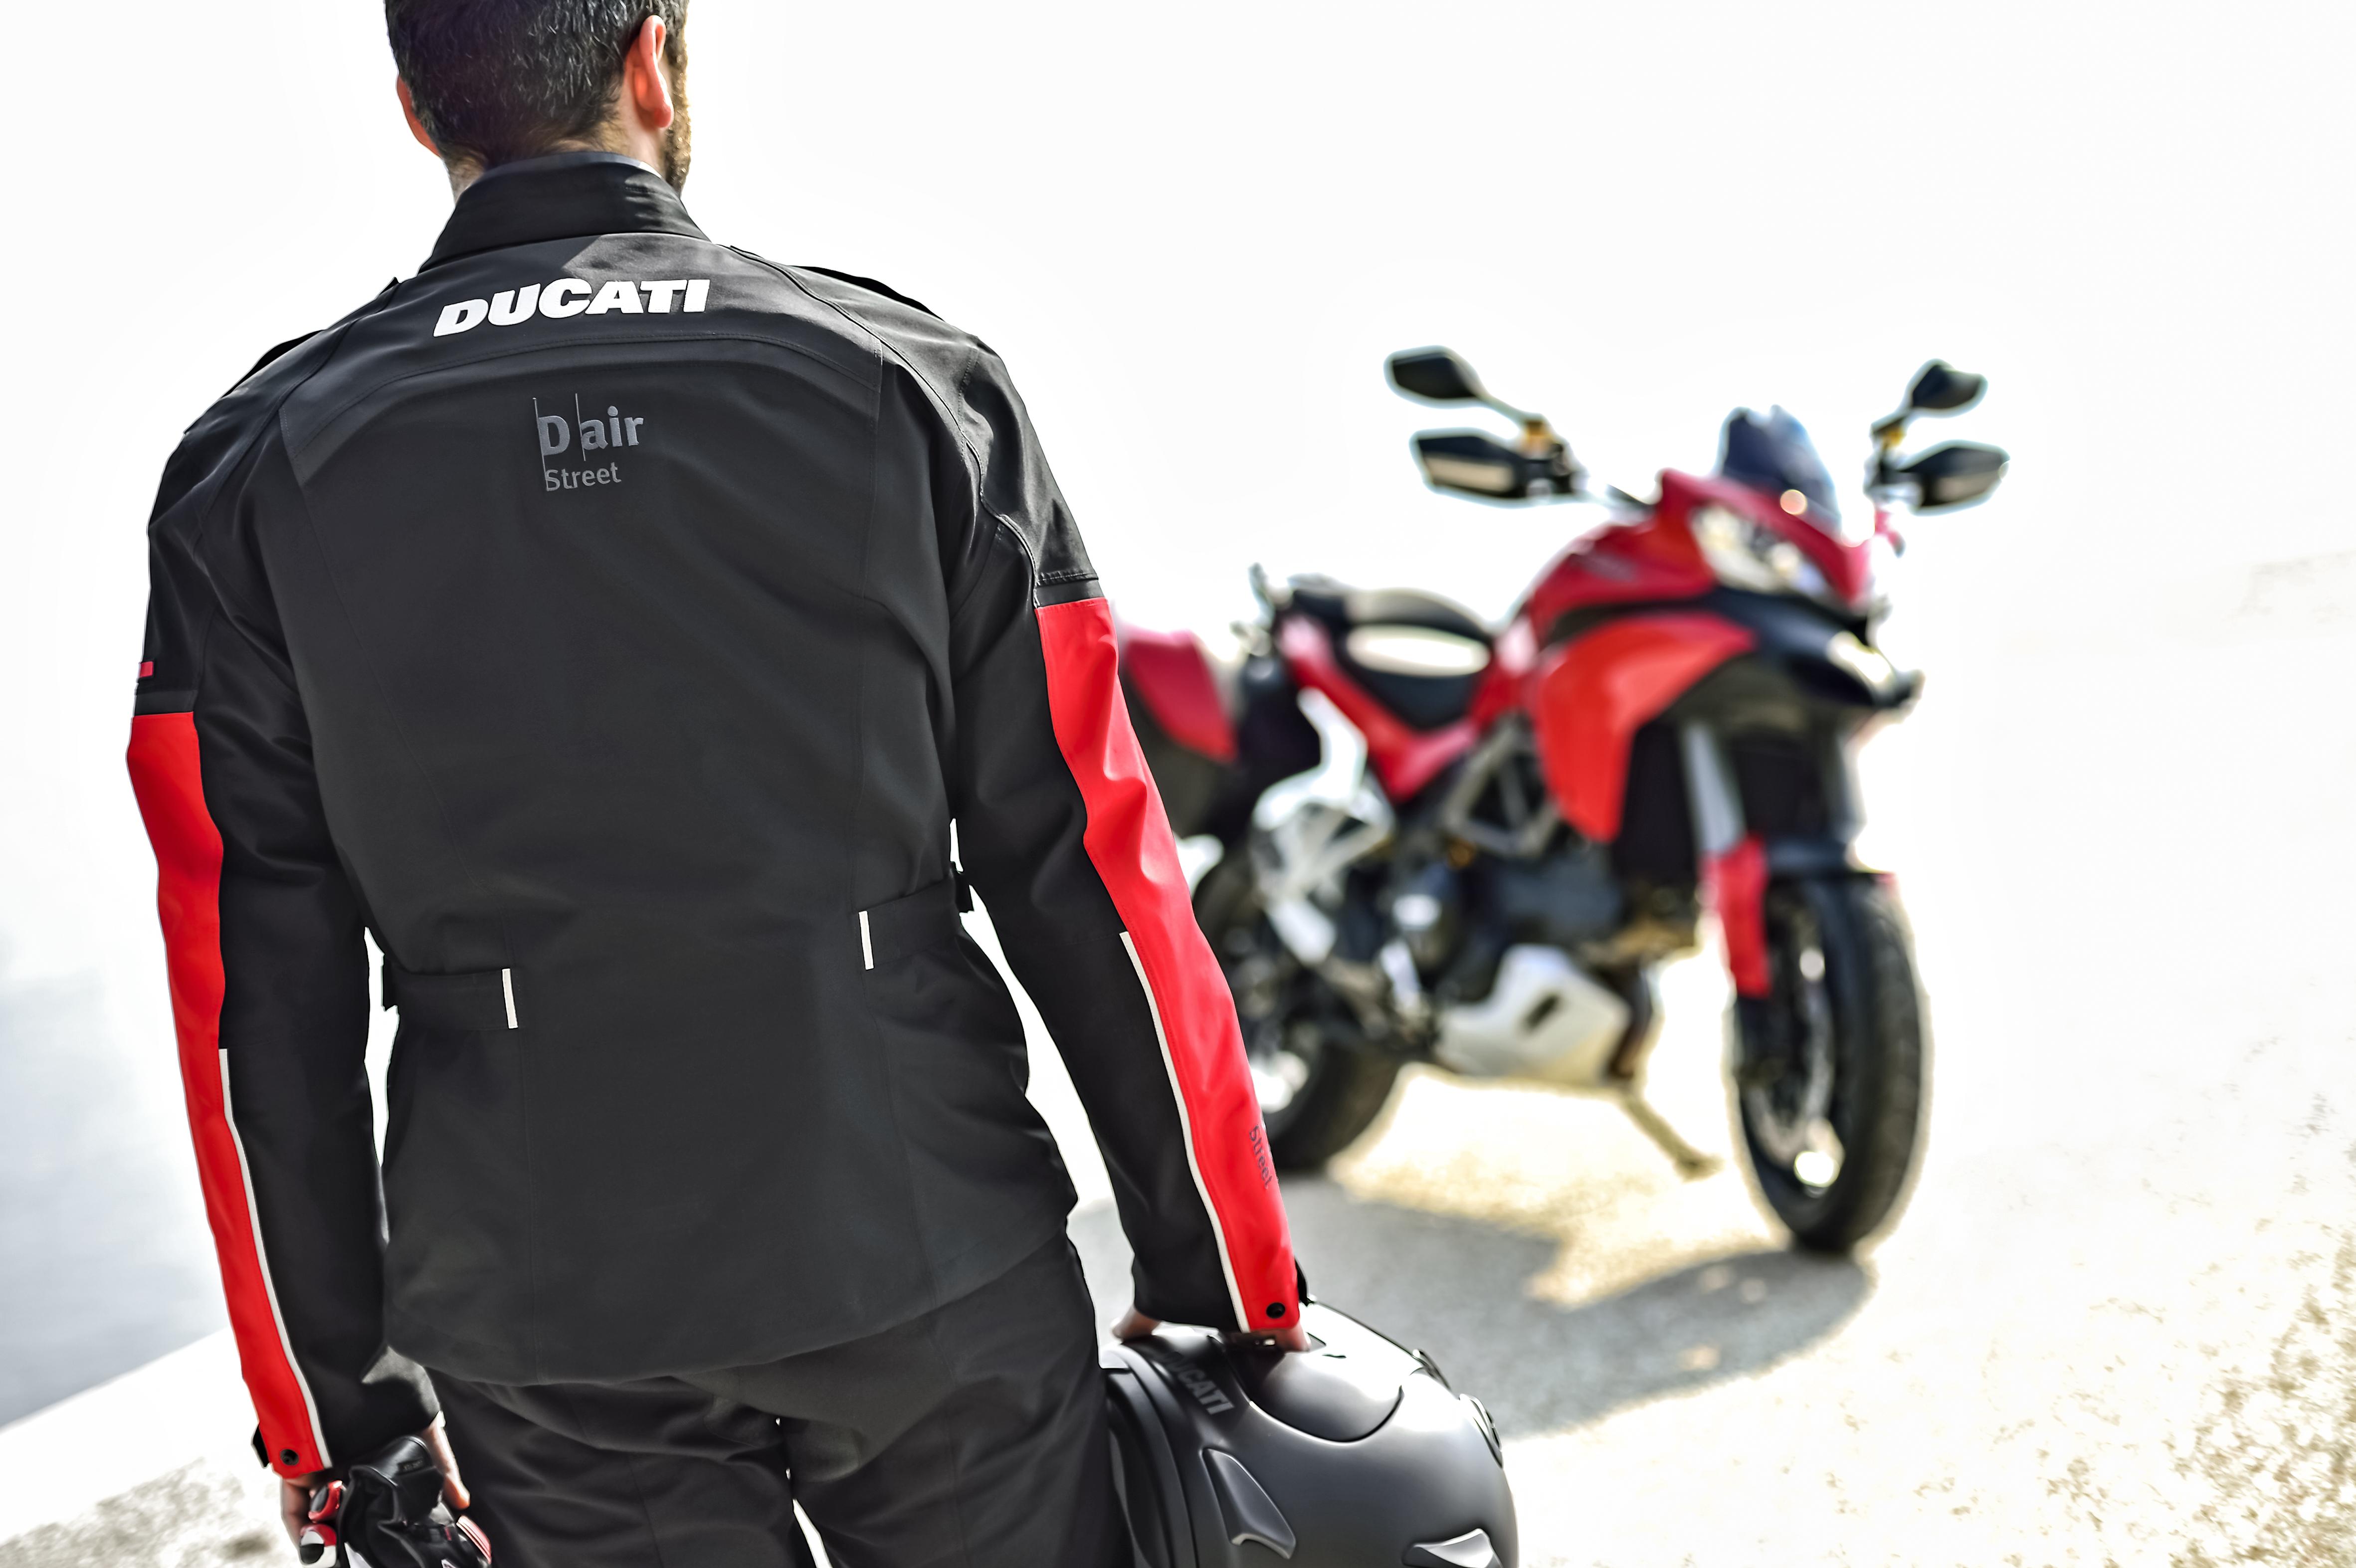 Ducati Multistrada 1200 S Touring D|air